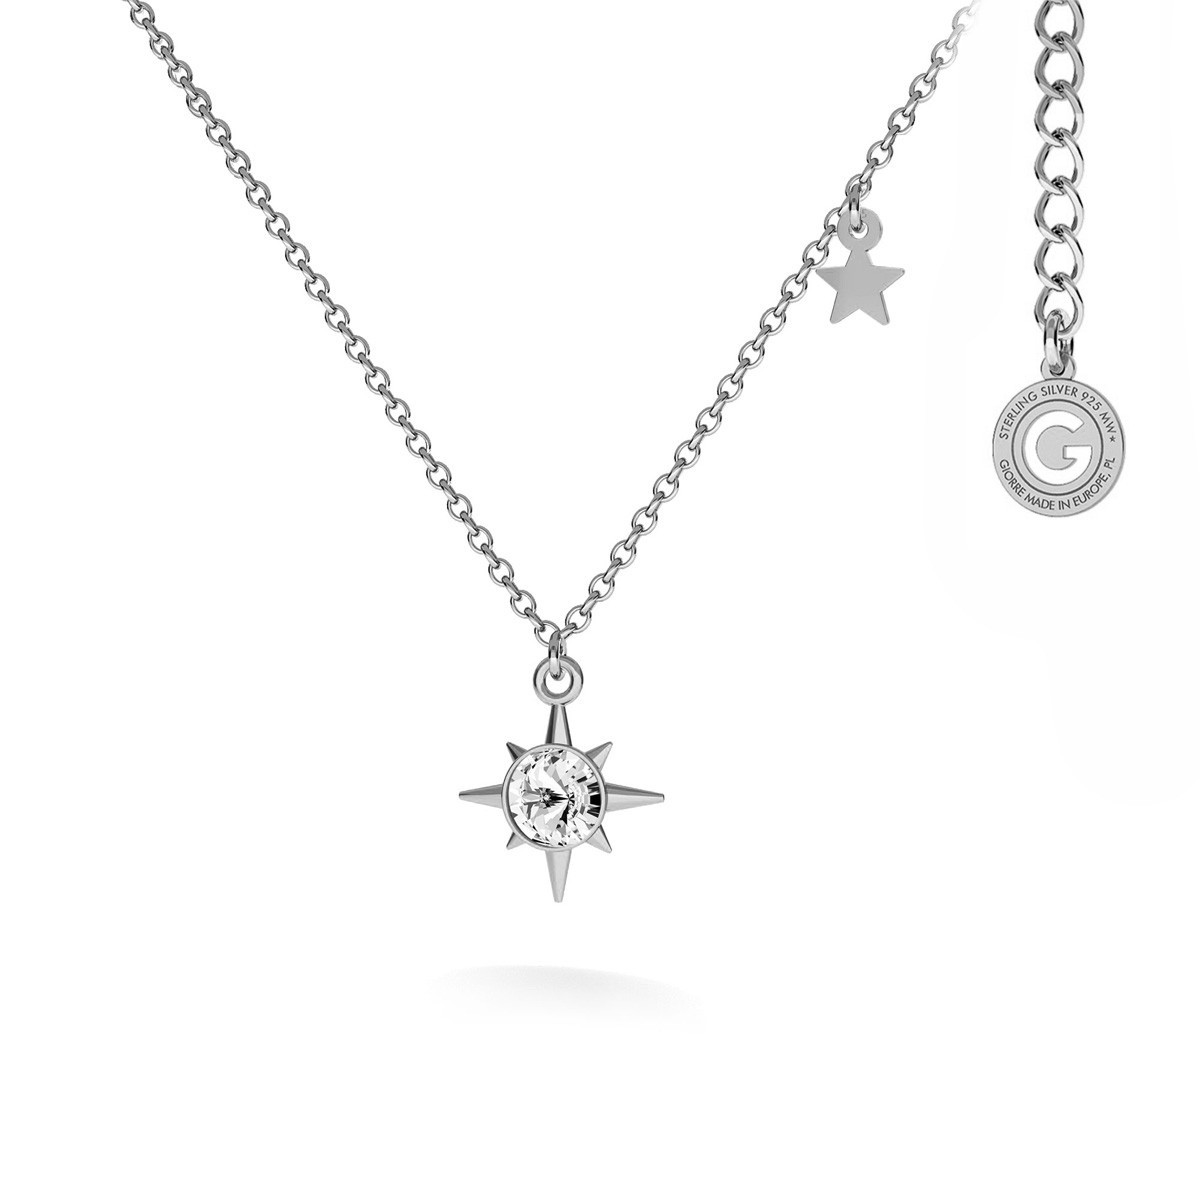 Naszyjnik gwiazda z krystzałem MON DÉFI srebro 925